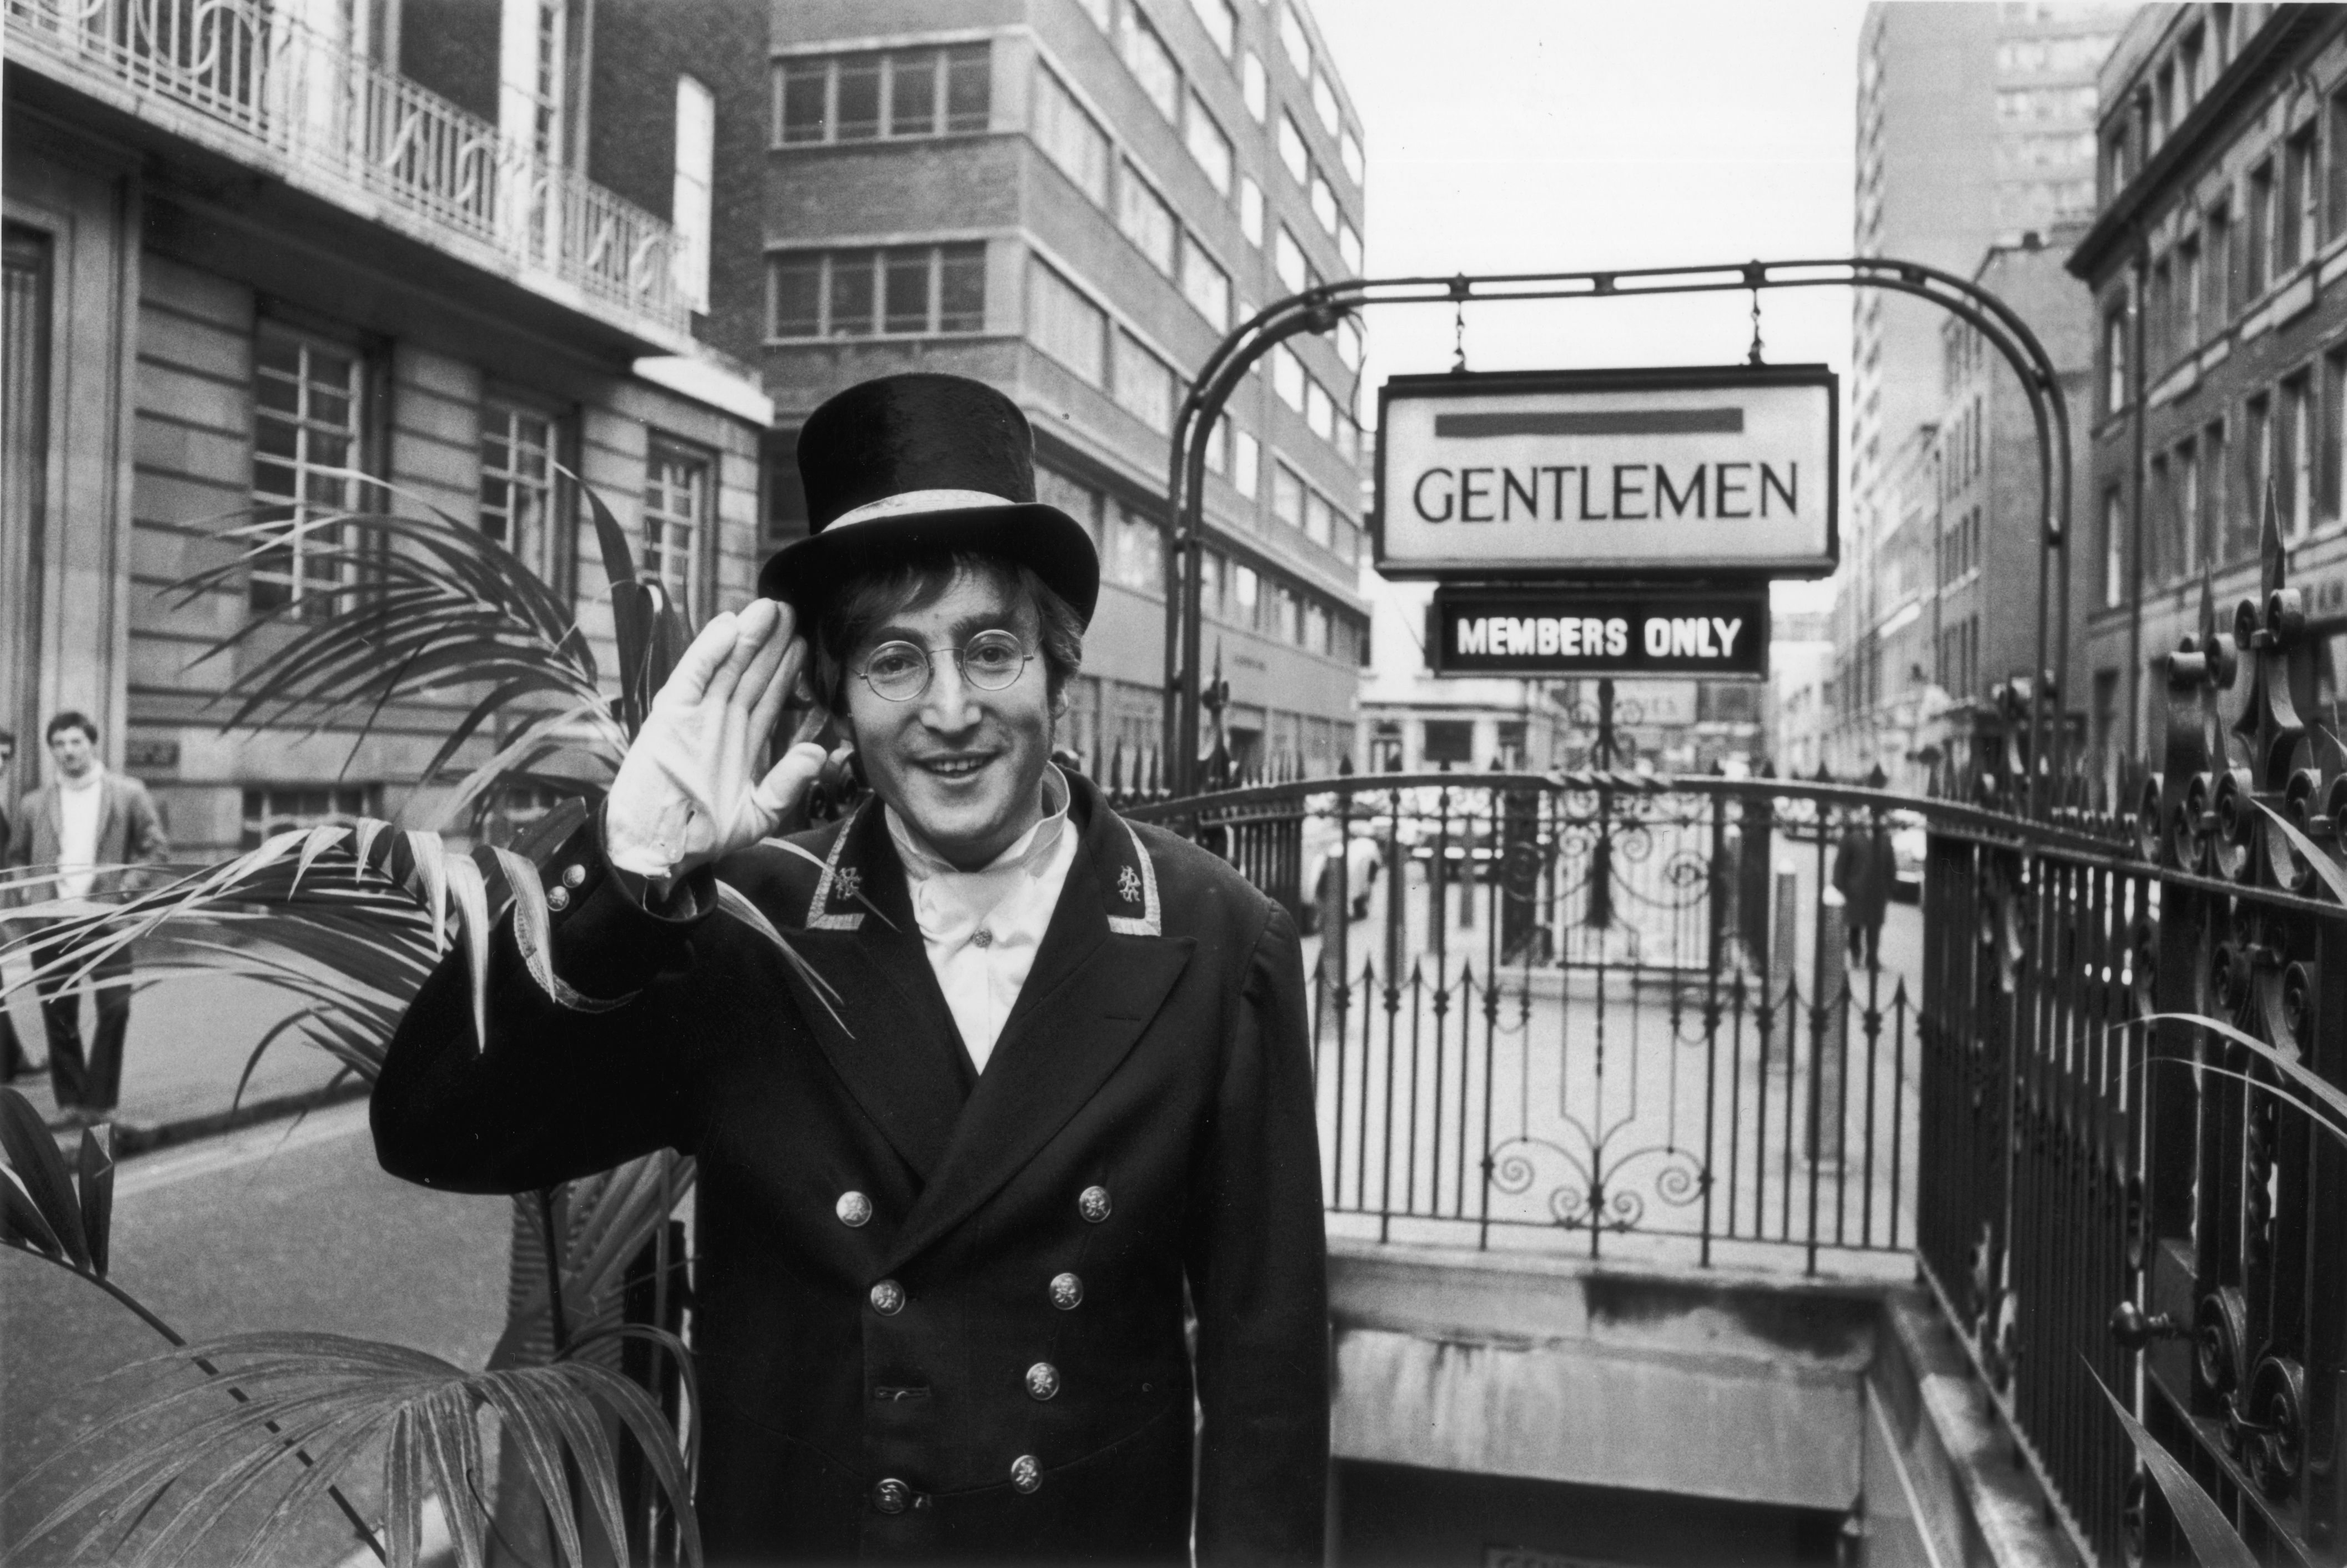 """Джон Ленън е една от най-влиятелните и популярни личности в поп културата на XX век. Придобива световна известност като член и водеща фигура в рок формациятаБийтълс, получила международна слава през 60-те години.На 8 декември1980година, връщайки се с жена сиЙоко Оноот звукозаписното студио вНю Йорк, Джон Ленън е застрелян. Убиецът муМарк Дейвид Чапманотправя към него пет изстрела с пистолет и търпеливо изчаква полицията, докато чете """"Спасителят в ръжта"""" наСелинджър. Ленън умира по-късно в болницата."""